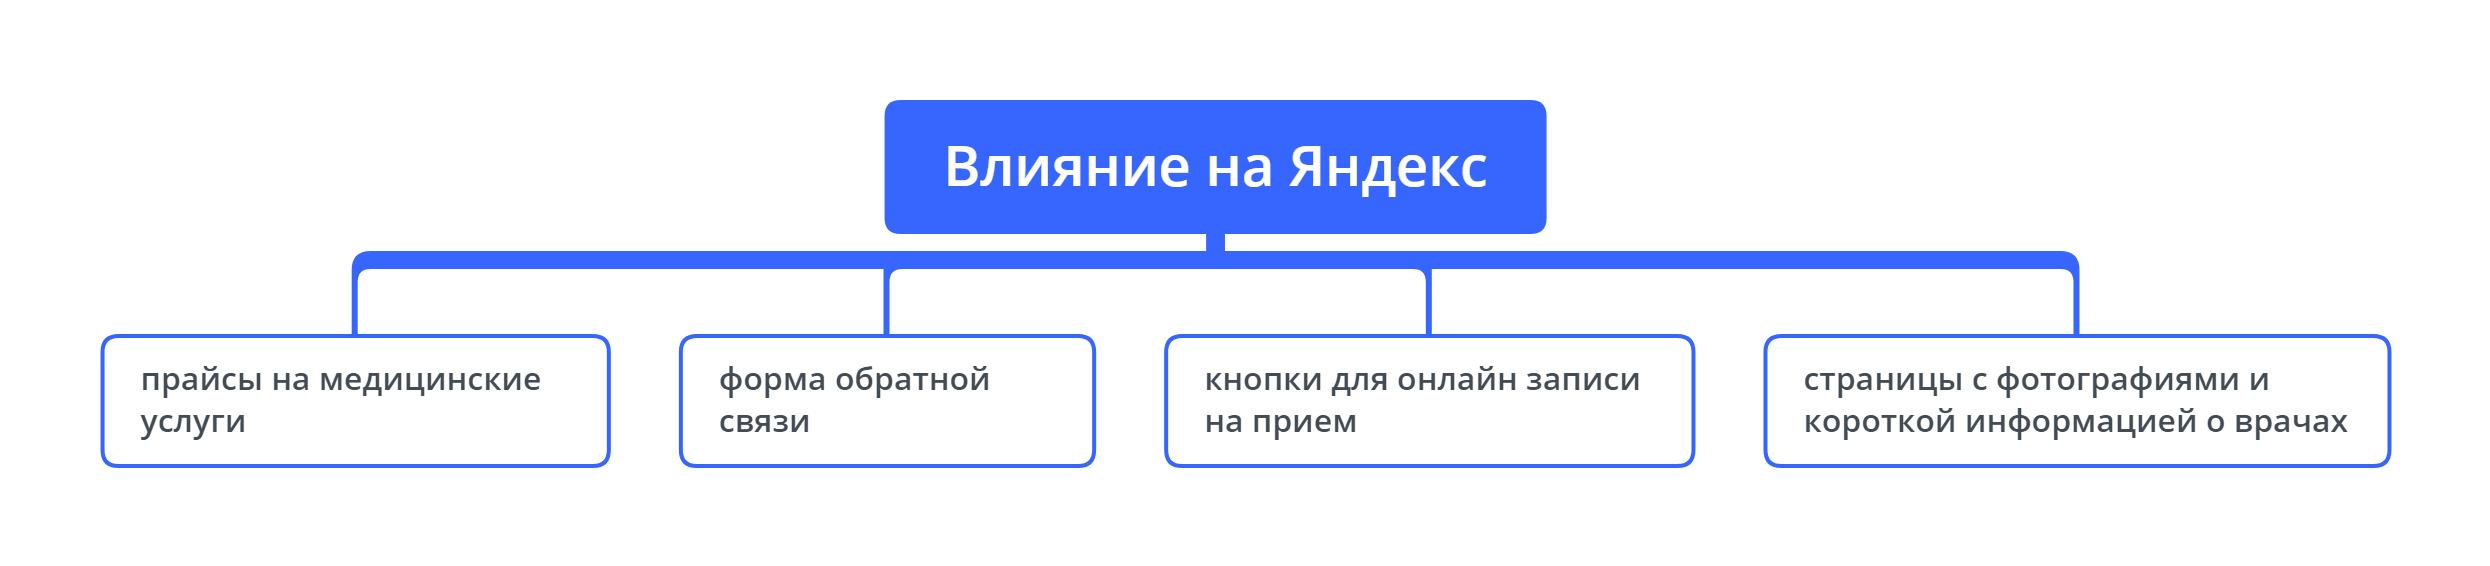 Влияние на Яндекс